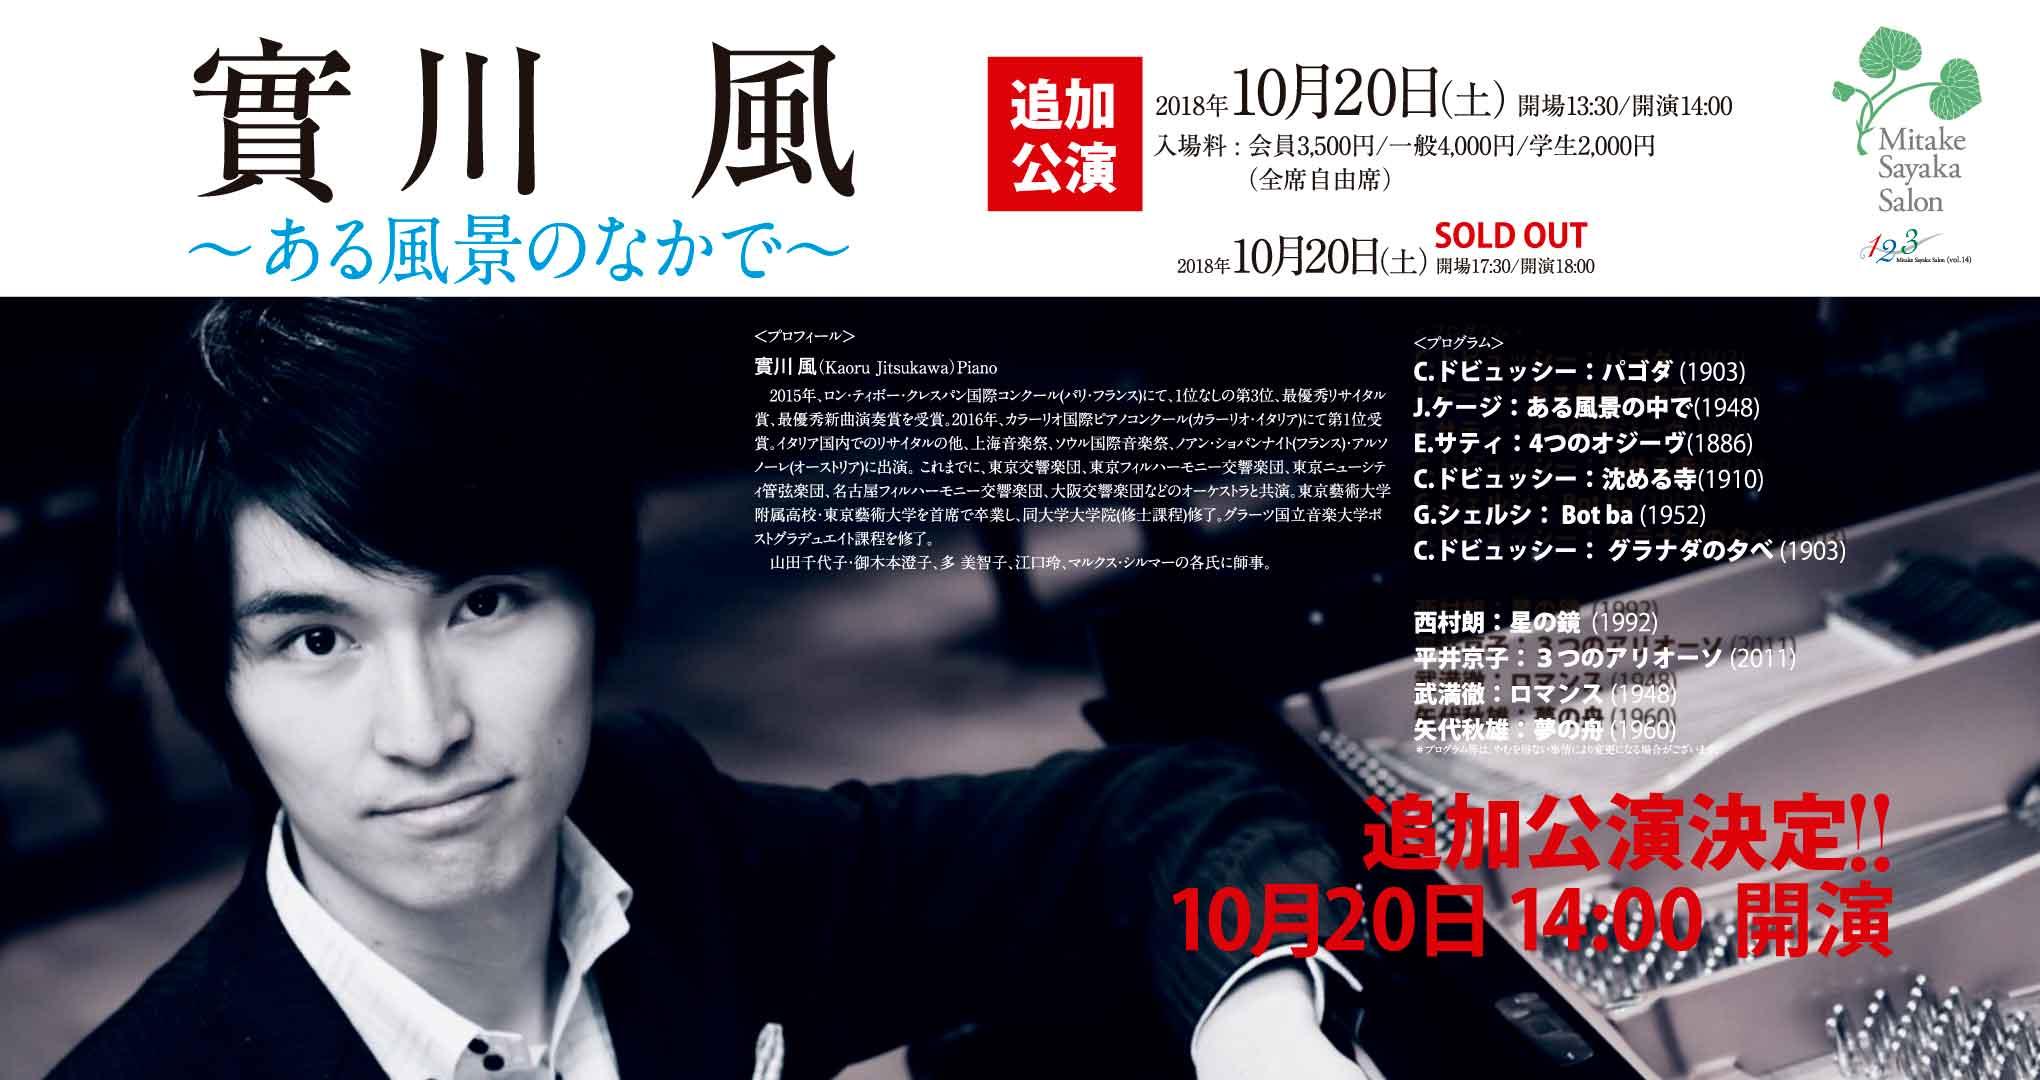 【追加公演】10月20日14:00~ 實川 風 〜ある風景のなかで〜